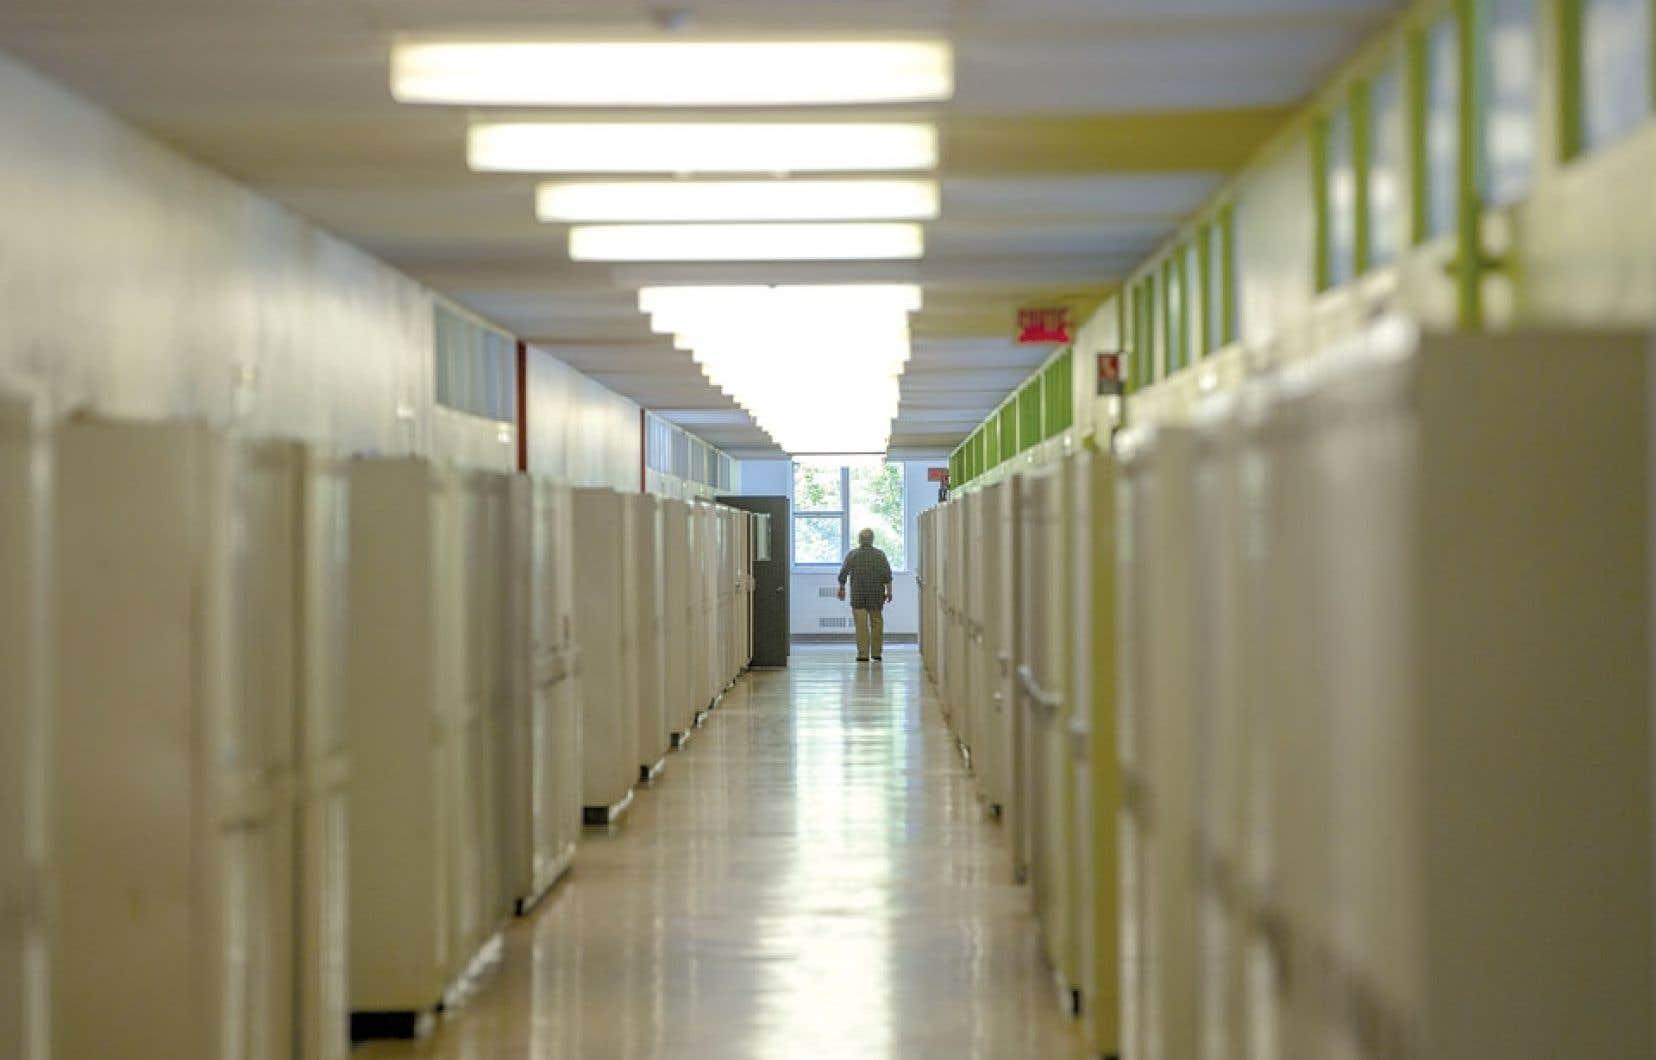 Le quart des répondants se satisferait d'un diplôme d'études collégiales pour leur enfant.